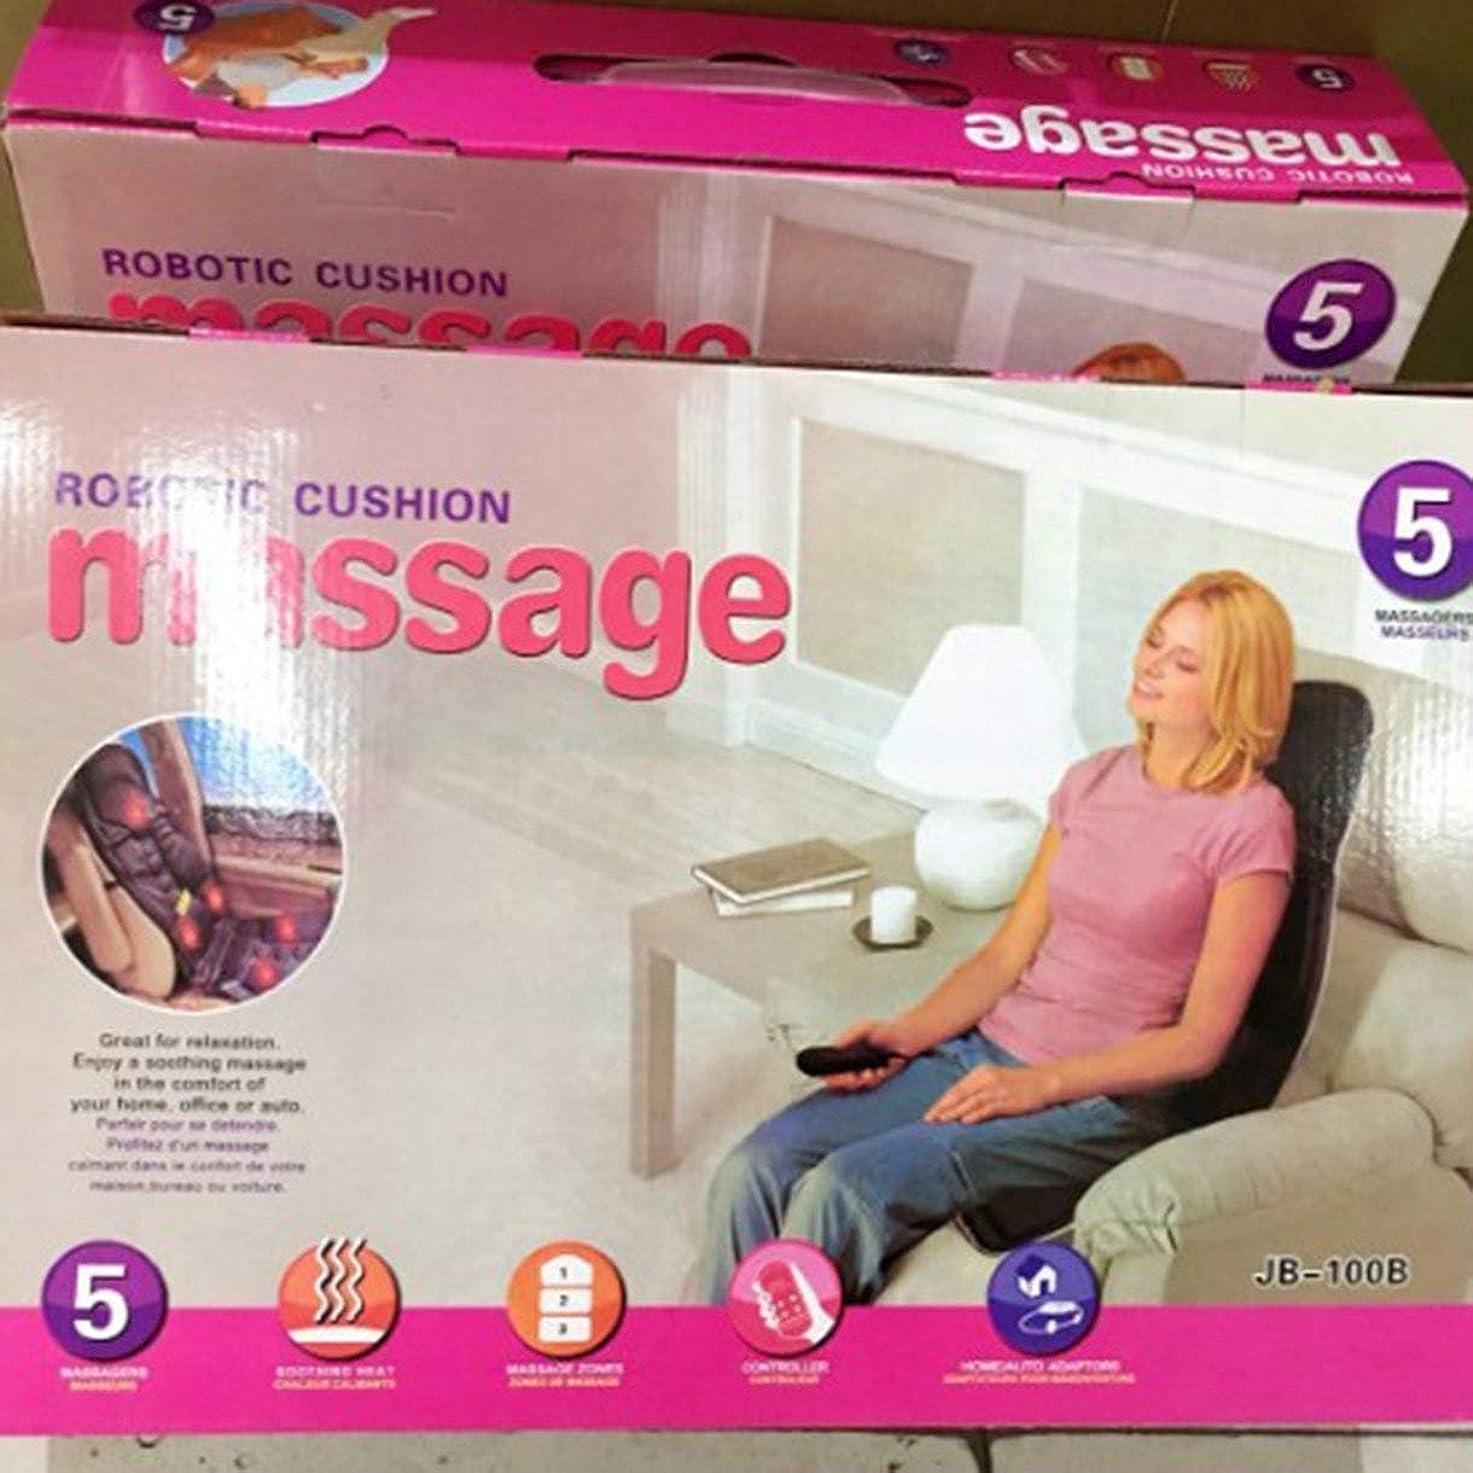 ベリ減らす誤解を招くCar Chair Home Seat Heat Cushion Back Neck Waist Body Electric Multifunctional Chair Massage Pad Back Massager